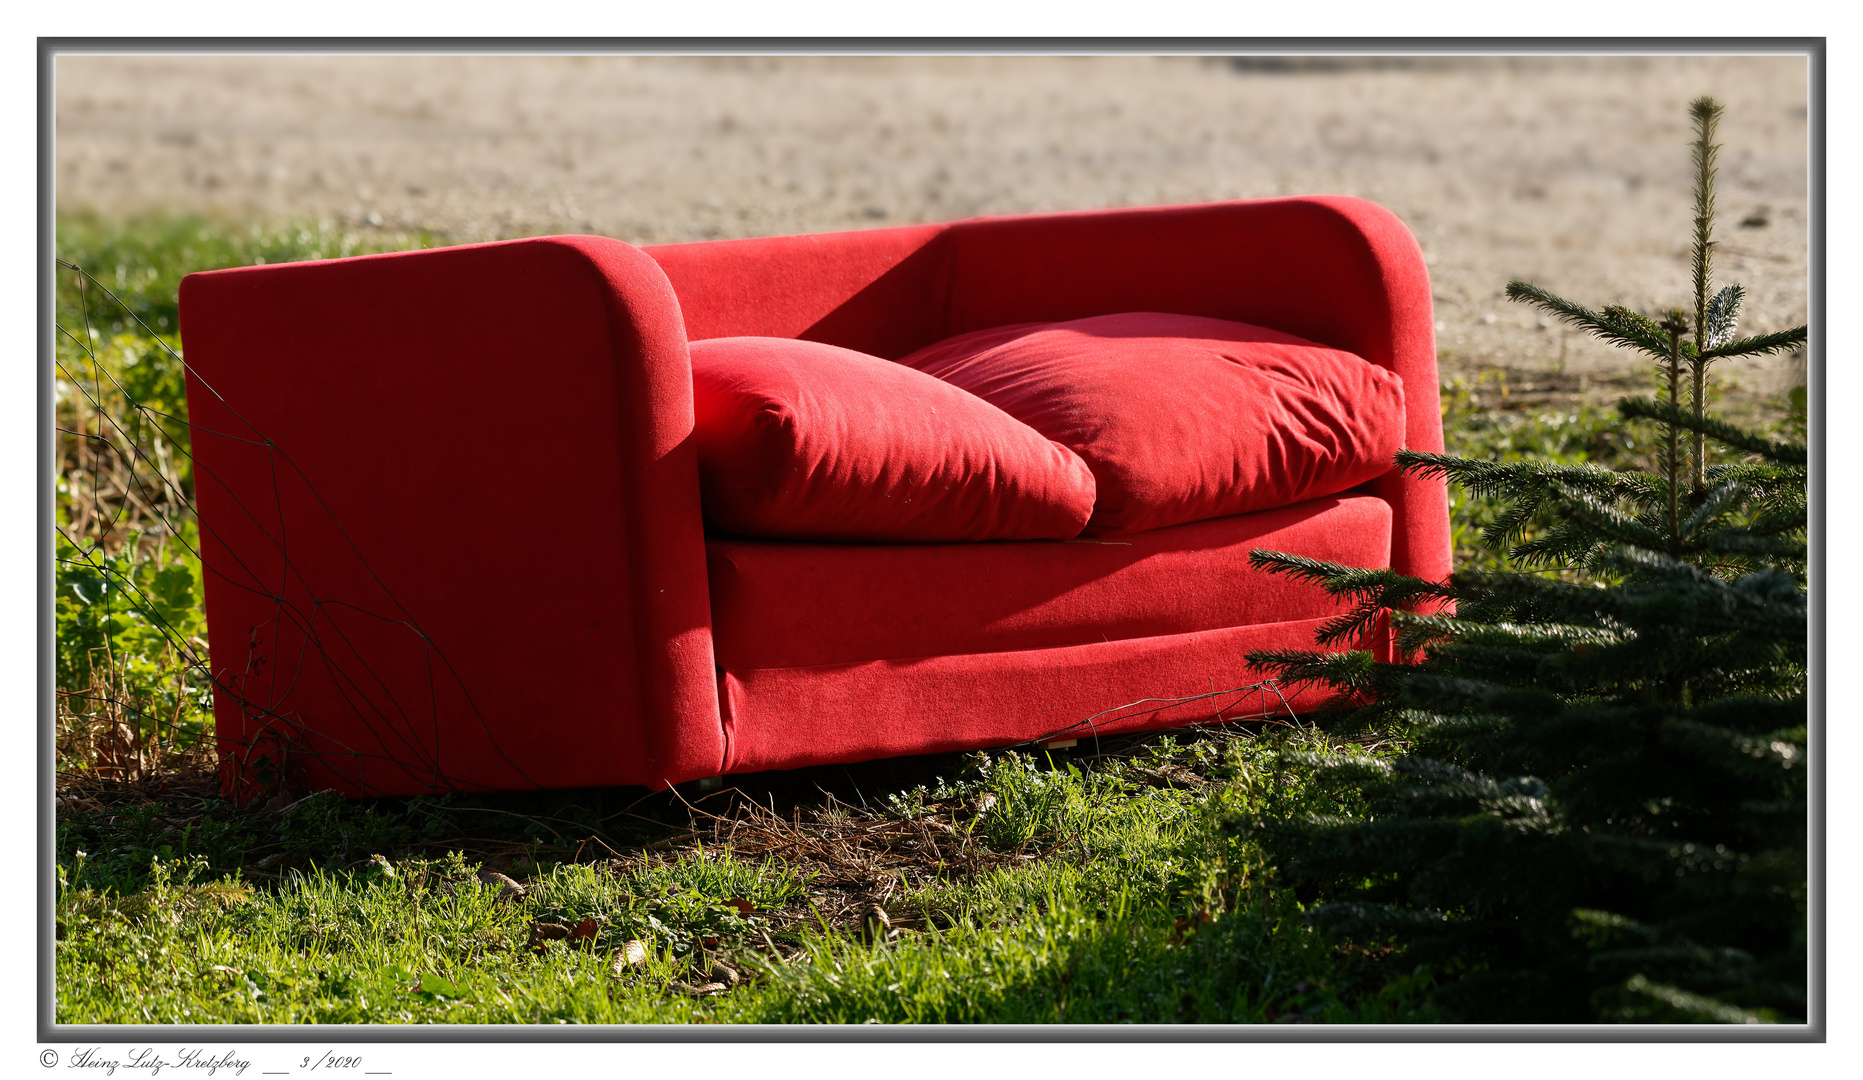 Full Size of Rotes Sofa Foto Bild Streetfotografie Ohne Menschen Ektorp Brühl Cognac Copperfield Federkern Grau Leder Elektrisch Hussen Baxter W Schillig Mondo Blaues Mit Sofa Rotes Sofa